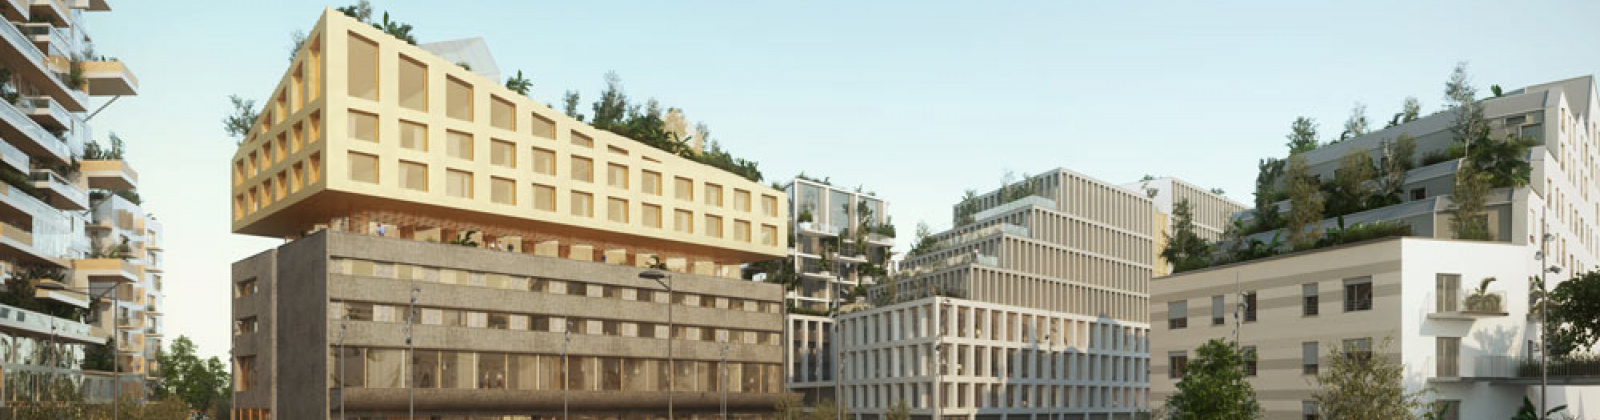 Carle Vernet, Bordeaux, France 33800, ,Appartement,Habitat Participatif,Carle Vernet,9,1195